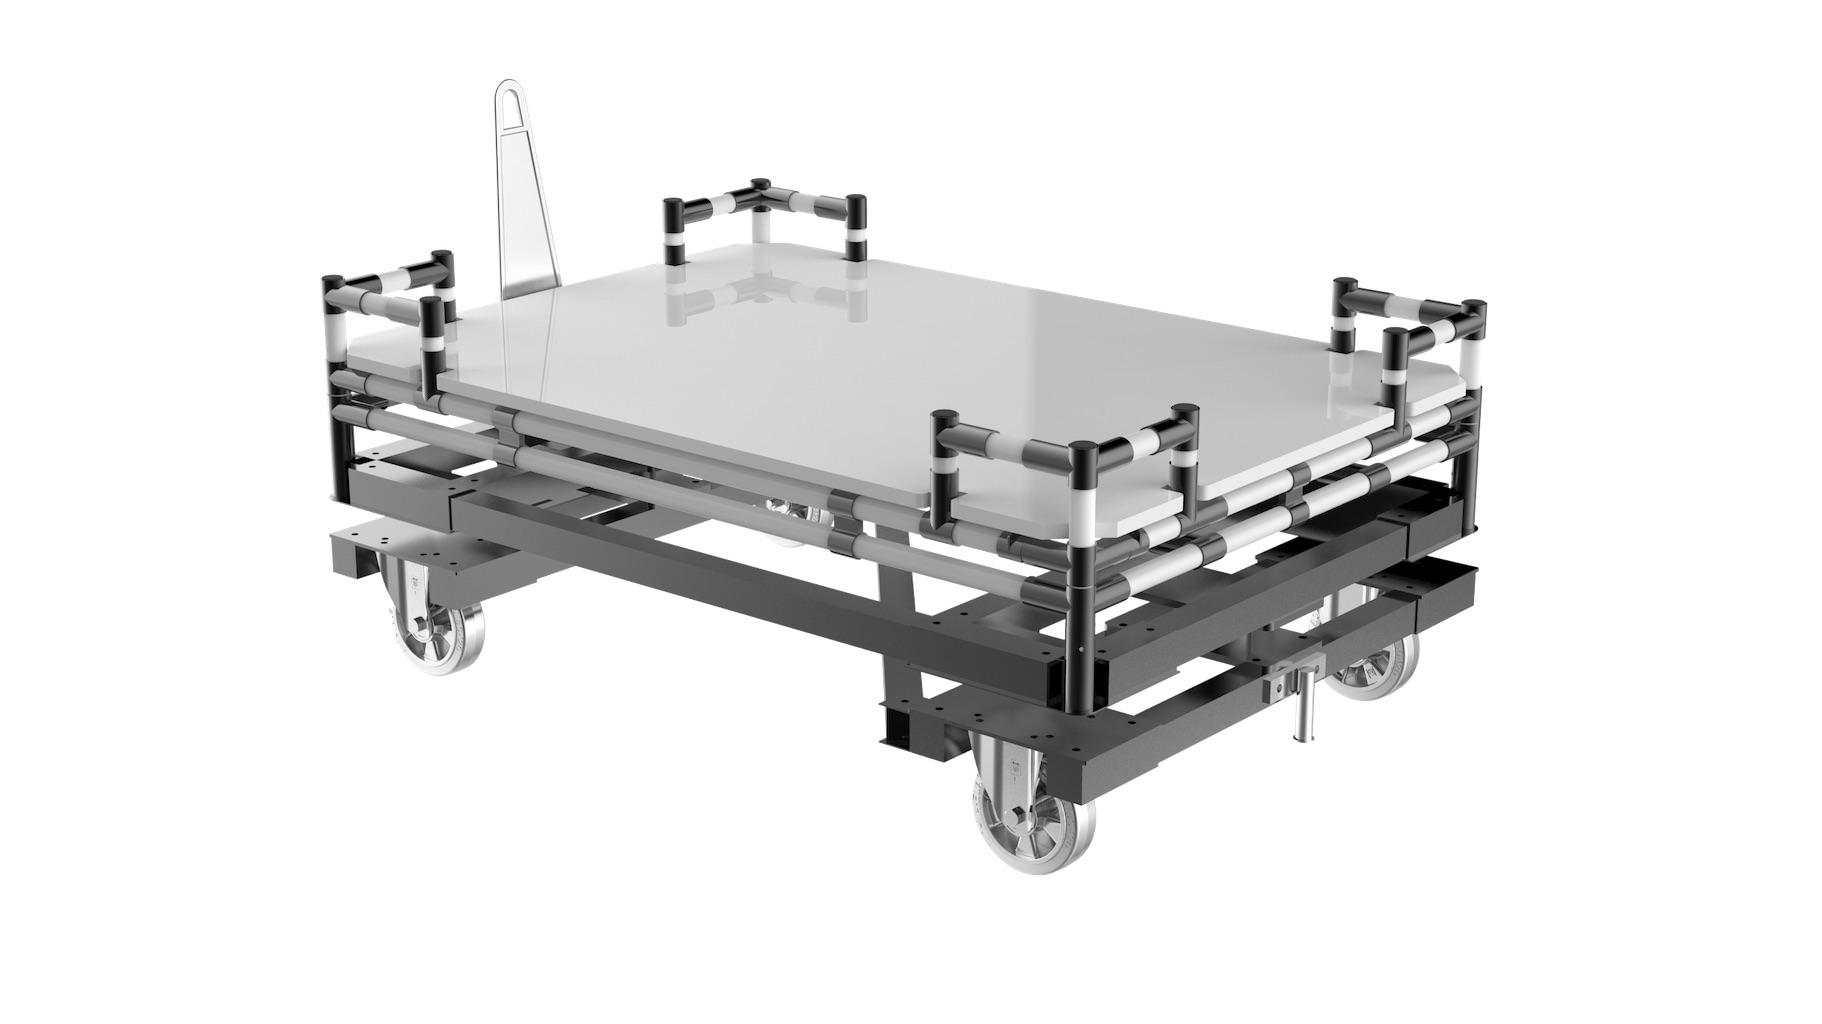 Logistique - Embase tractée monotrace offrant une grande résistance et permettant de transport de palette. L'embase peut être utilisée seule ou surmontée d'une structure type : chariot, flow rack…